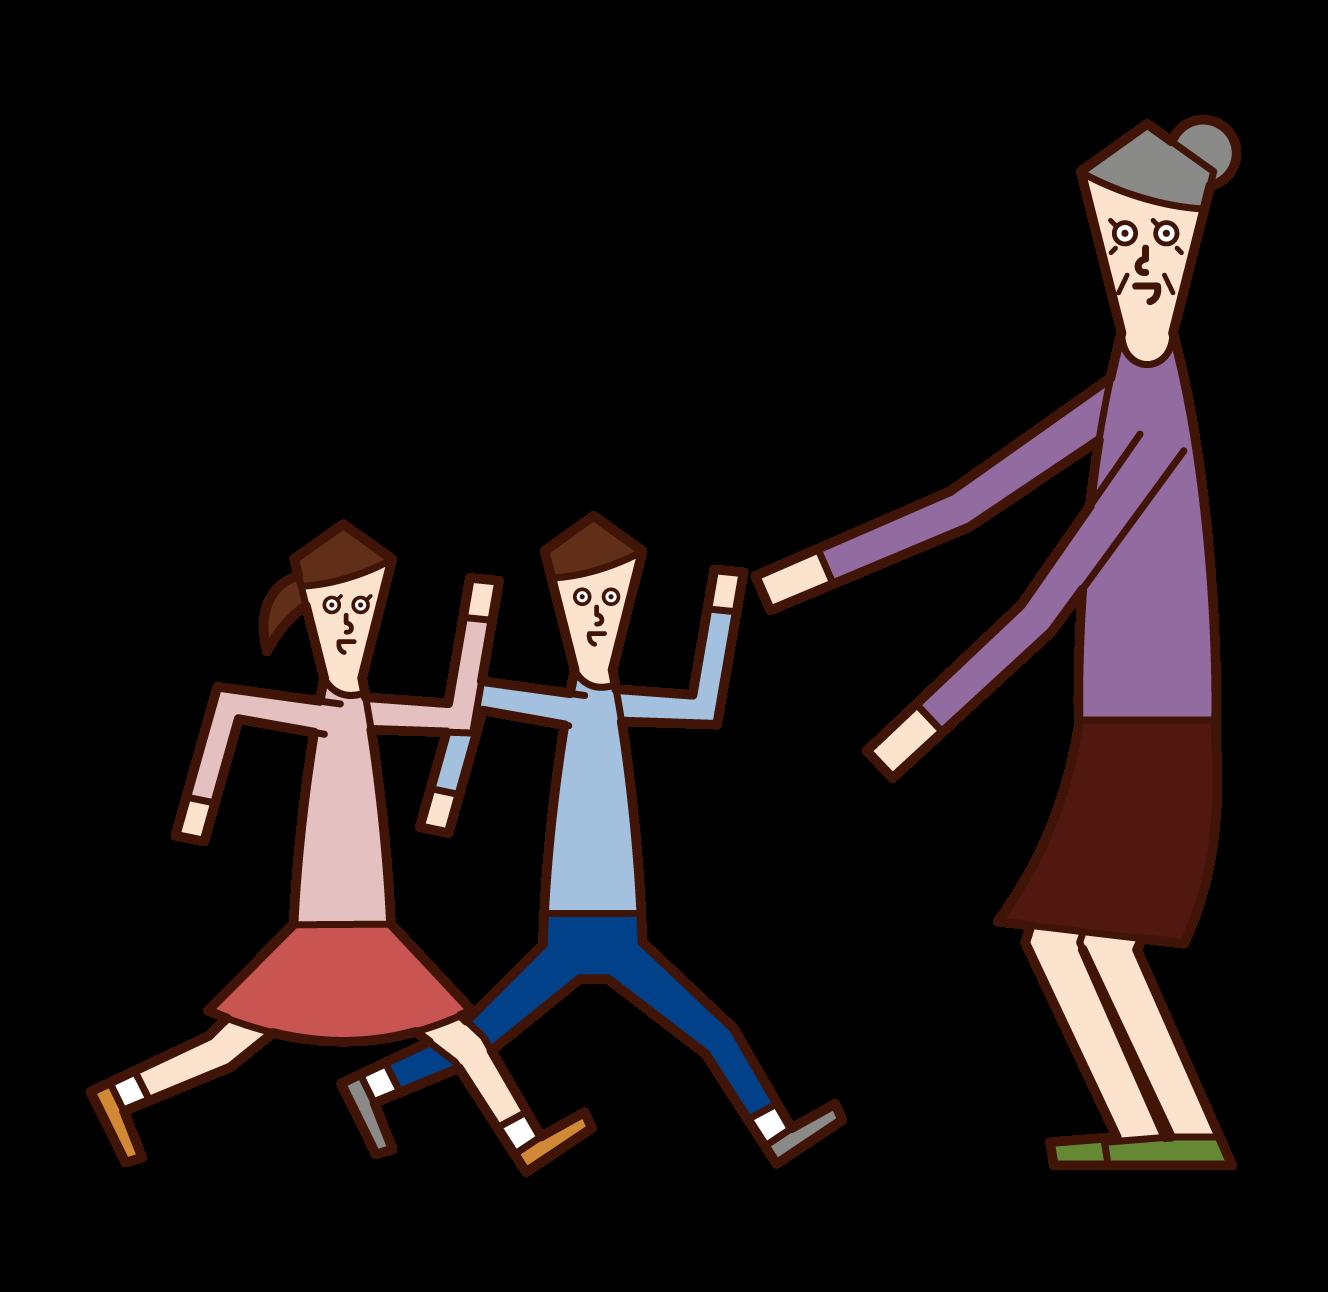 子供たちを出迎える老人(女性)のイラスト